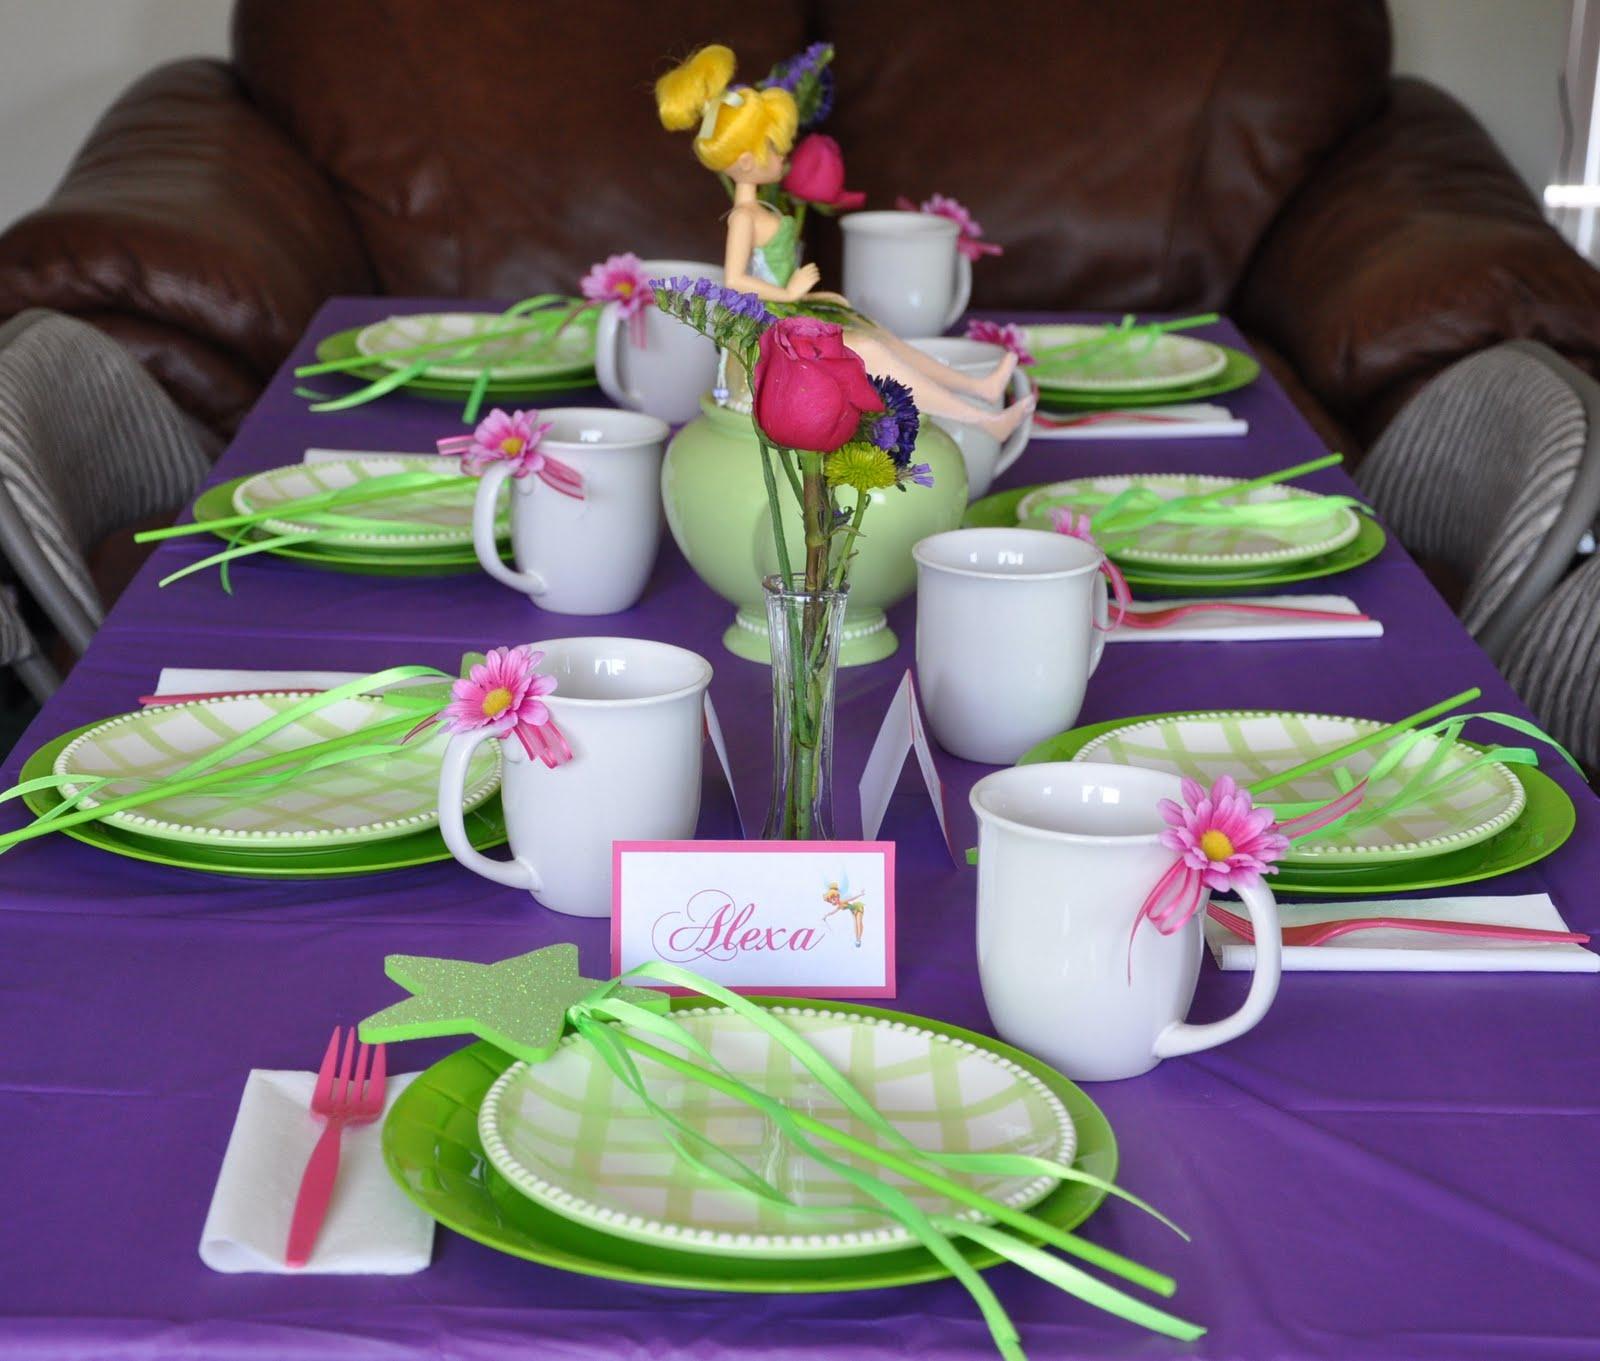 Сервировка детского стола на день рождения в домашних условиях